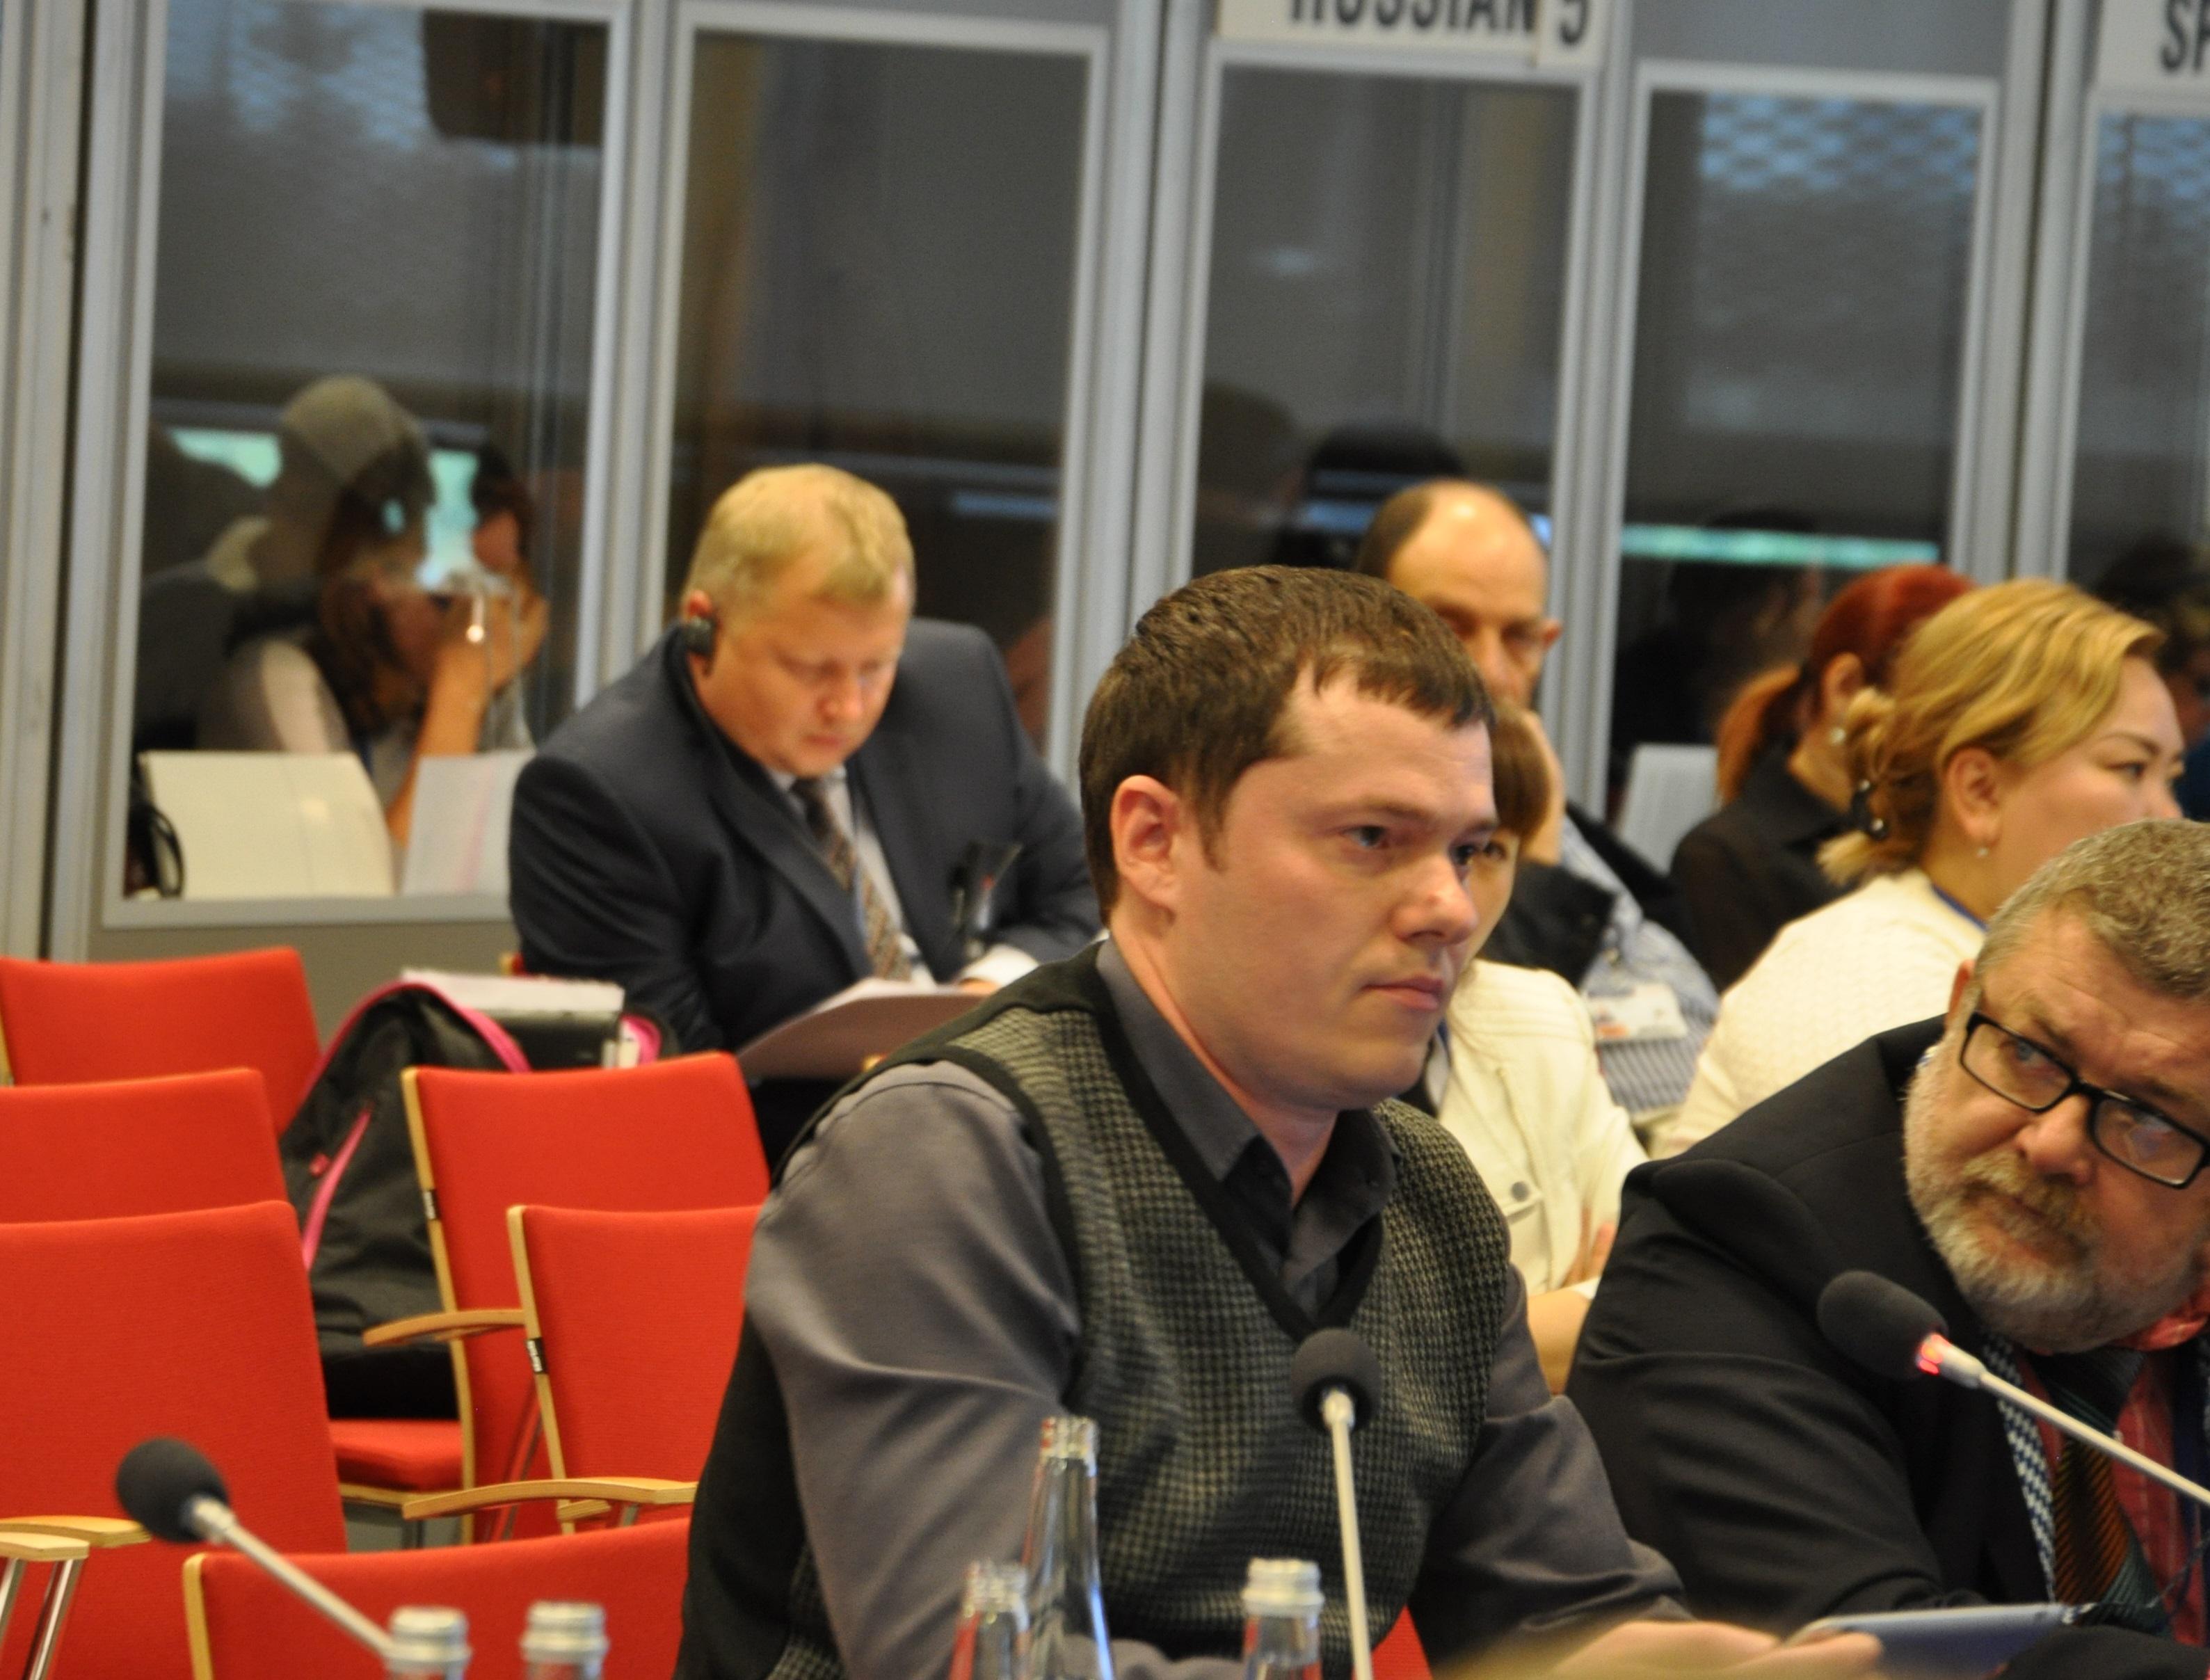 Засідання ОБСЄ: Кримська правозахисна група вимагає припинити застосування тортур в Криму